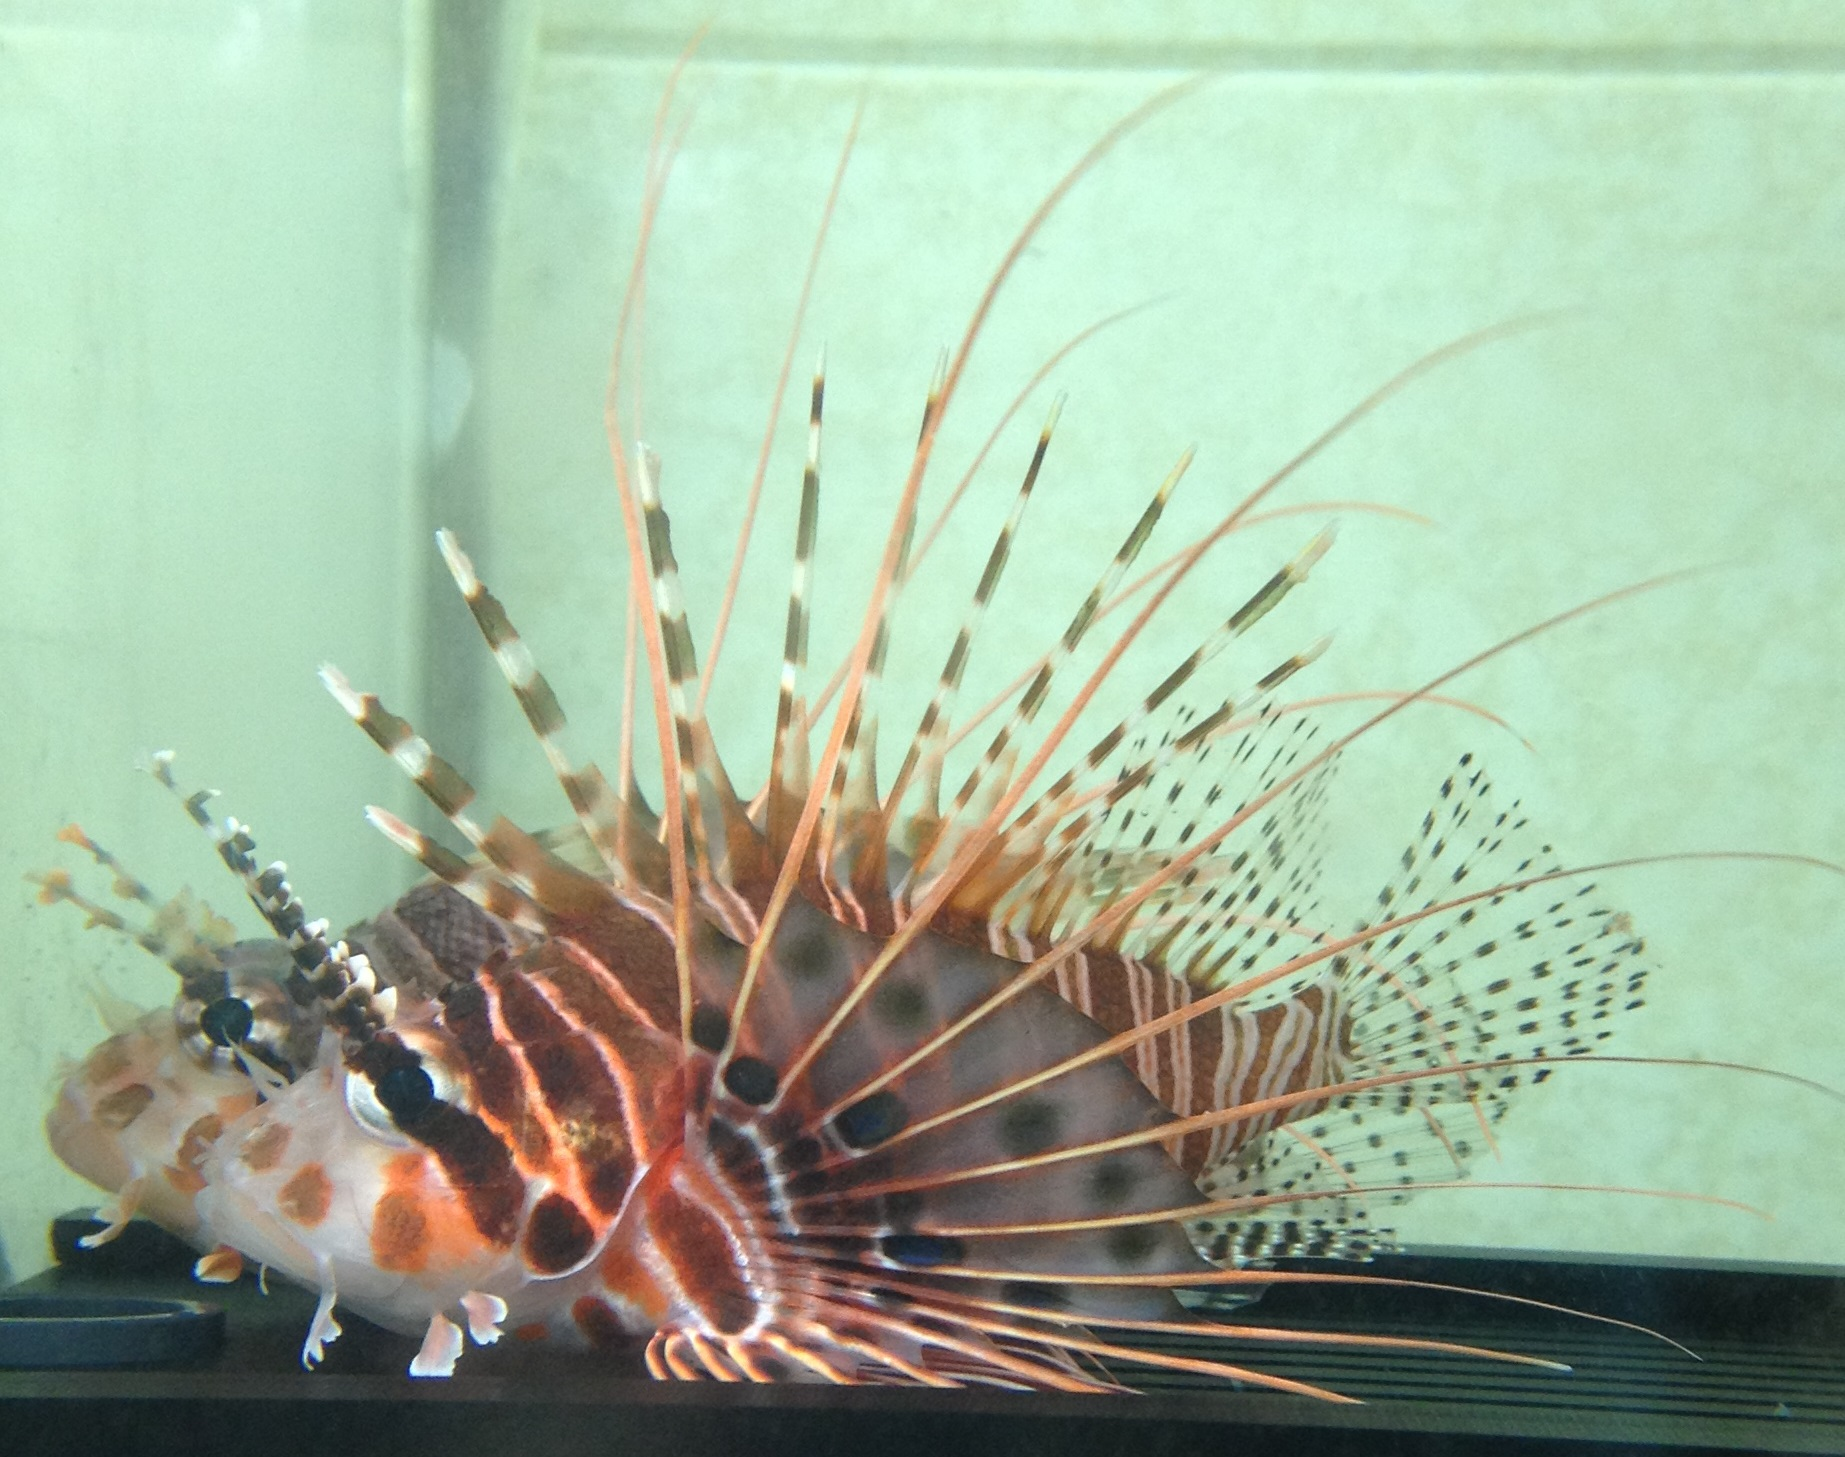 ミノカサゴ類の飼育 海水魚飼育...